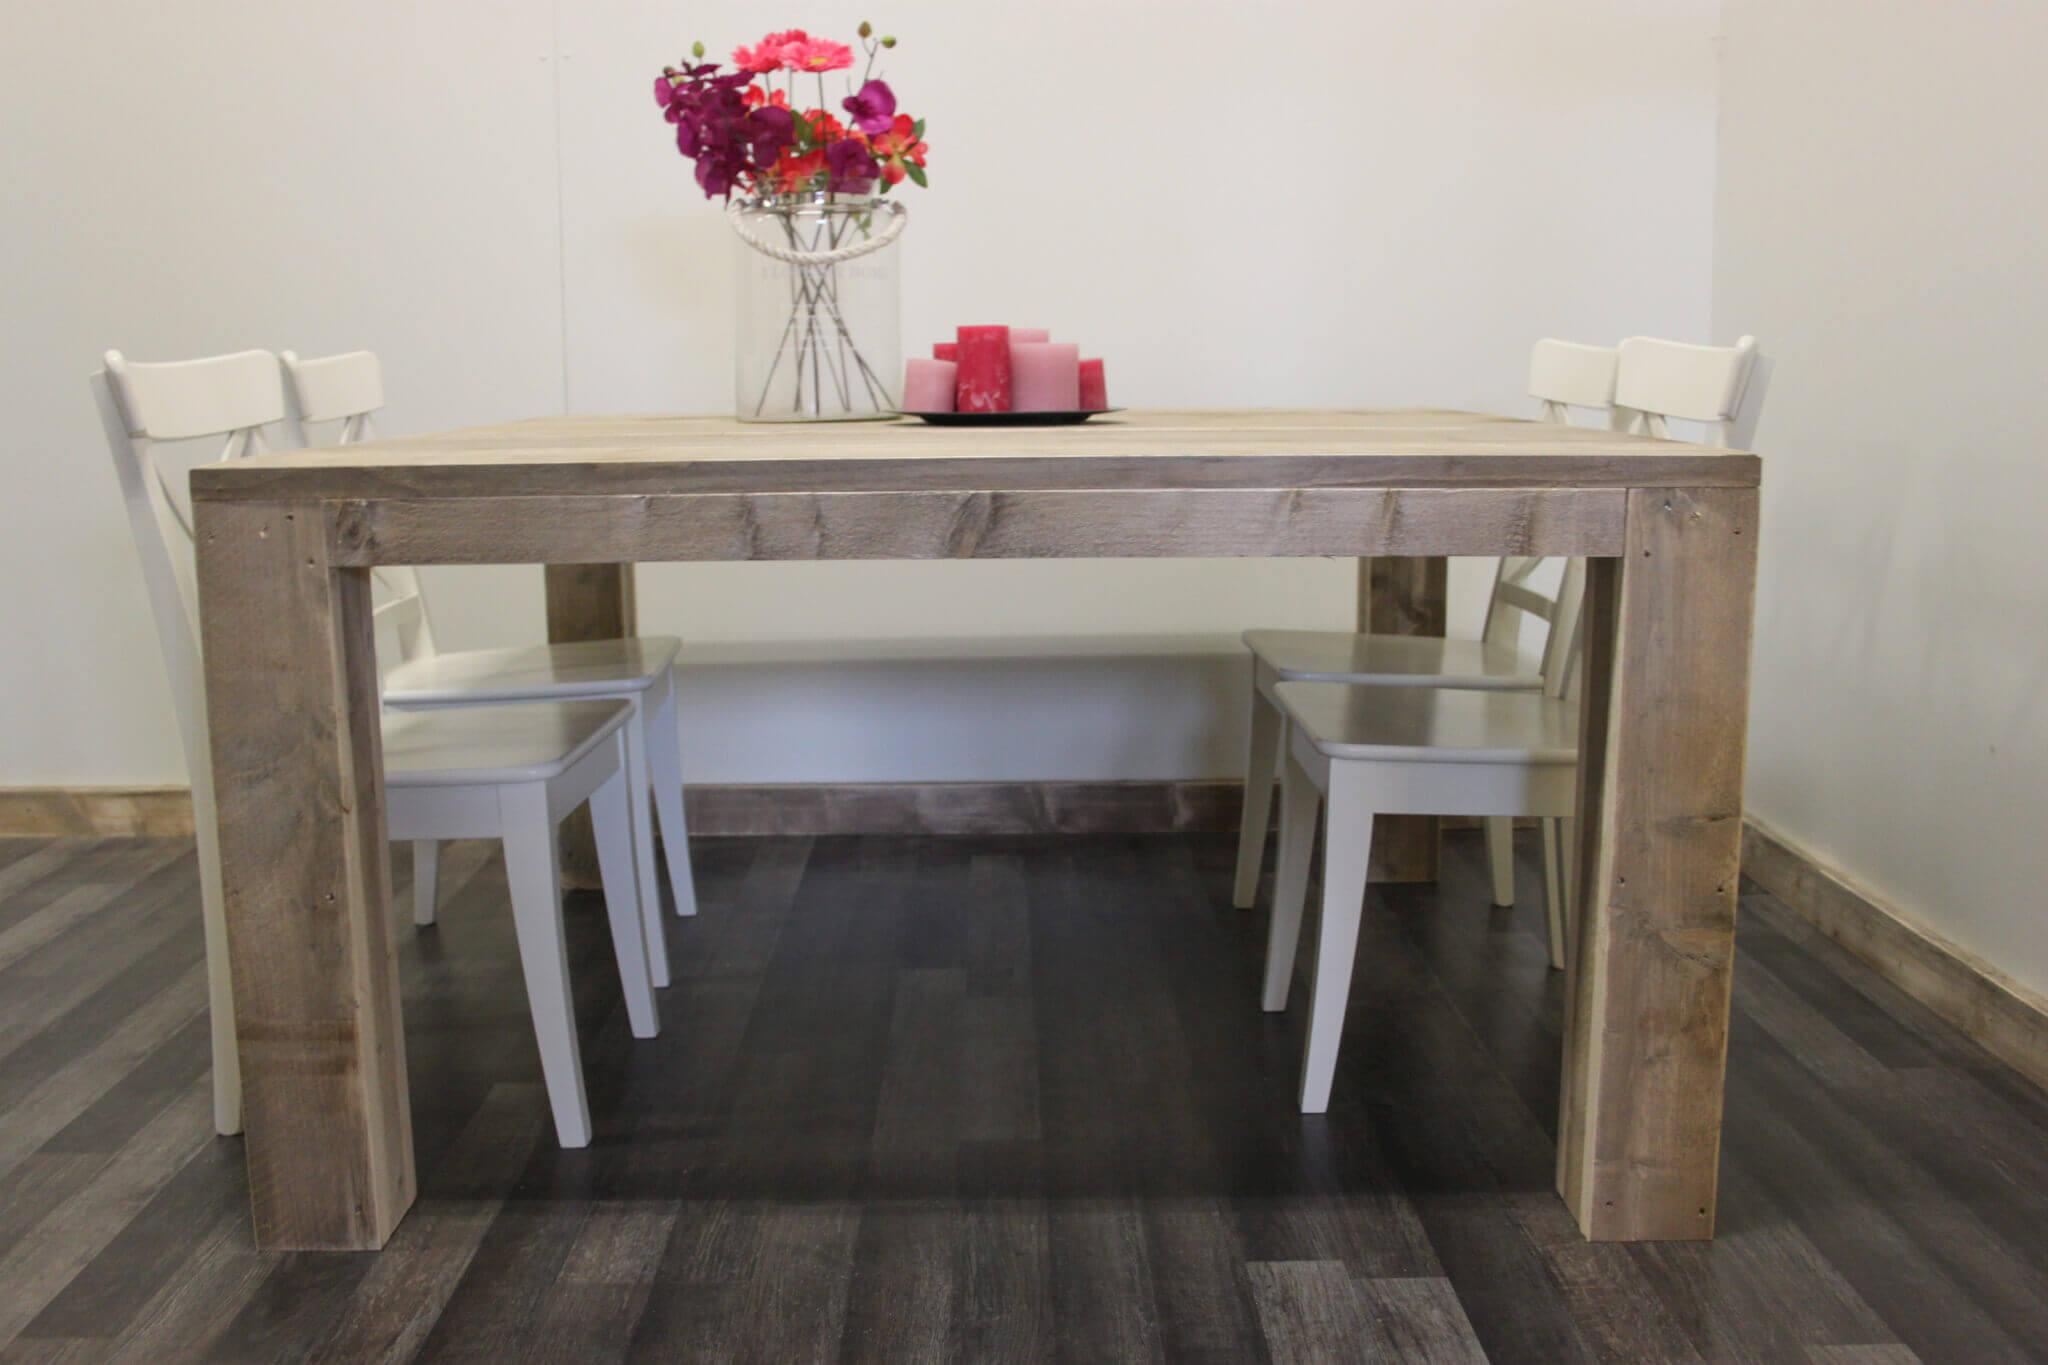 Steigerhouten tafel tampa steigerhouttrend - Eettafel personen ...